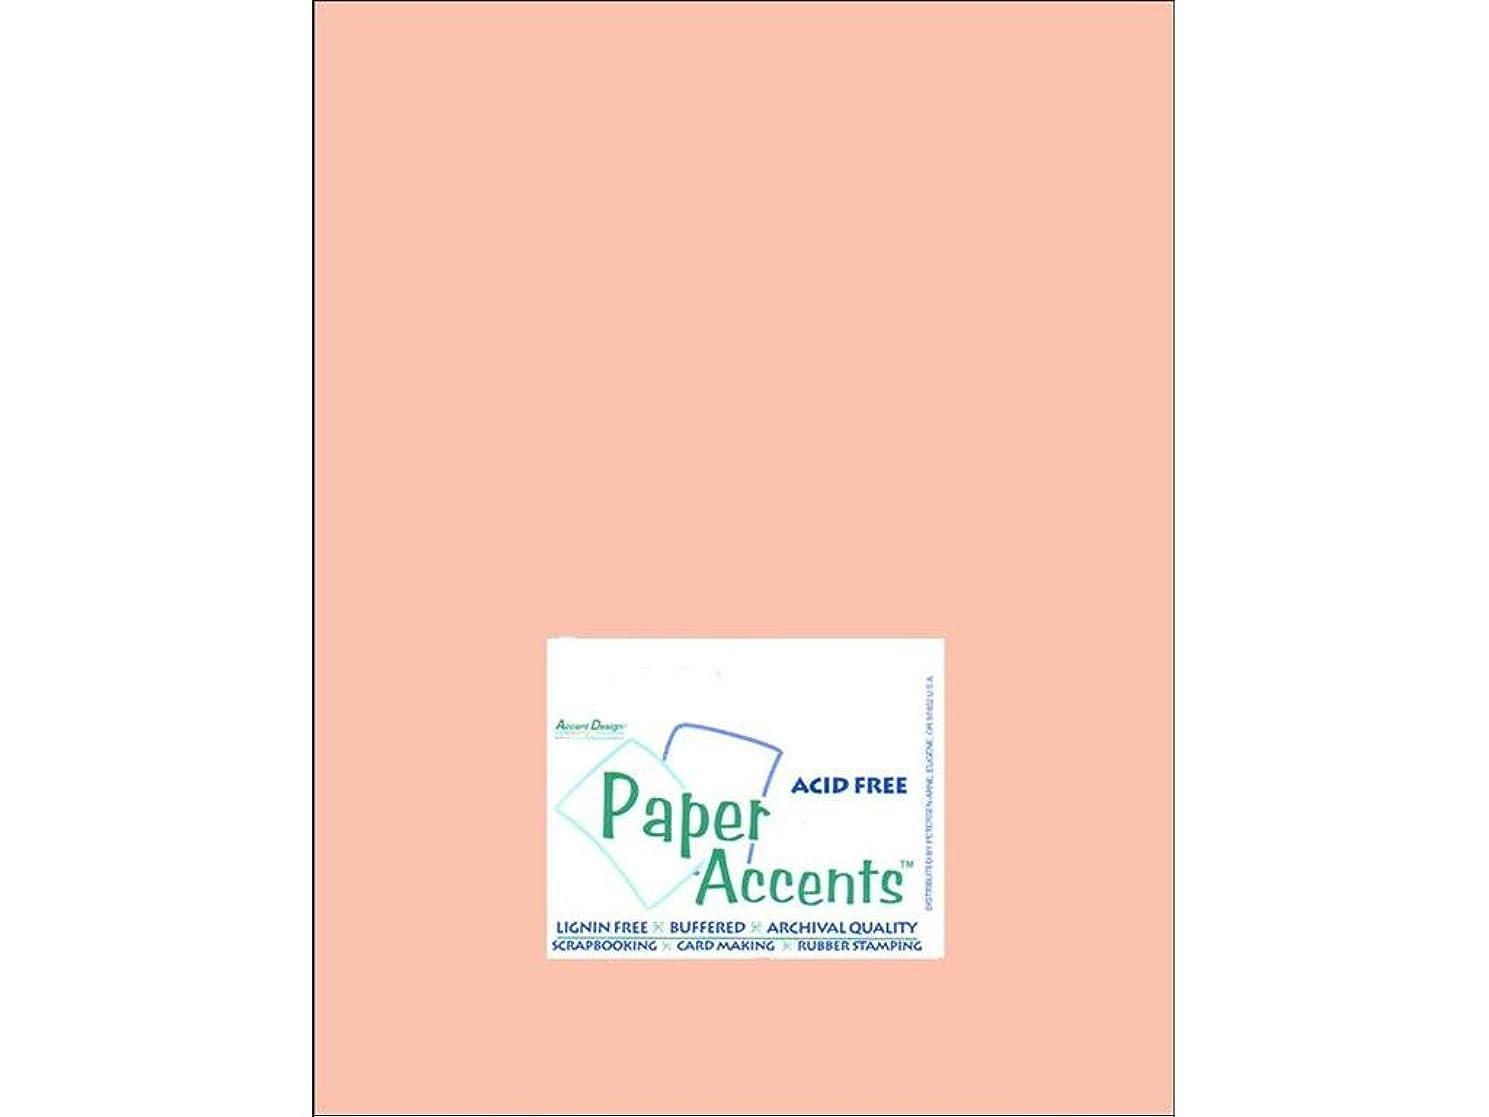 Accent Design Paper Accents Cdstk Muslin 8.5x11 74# Peach Glow